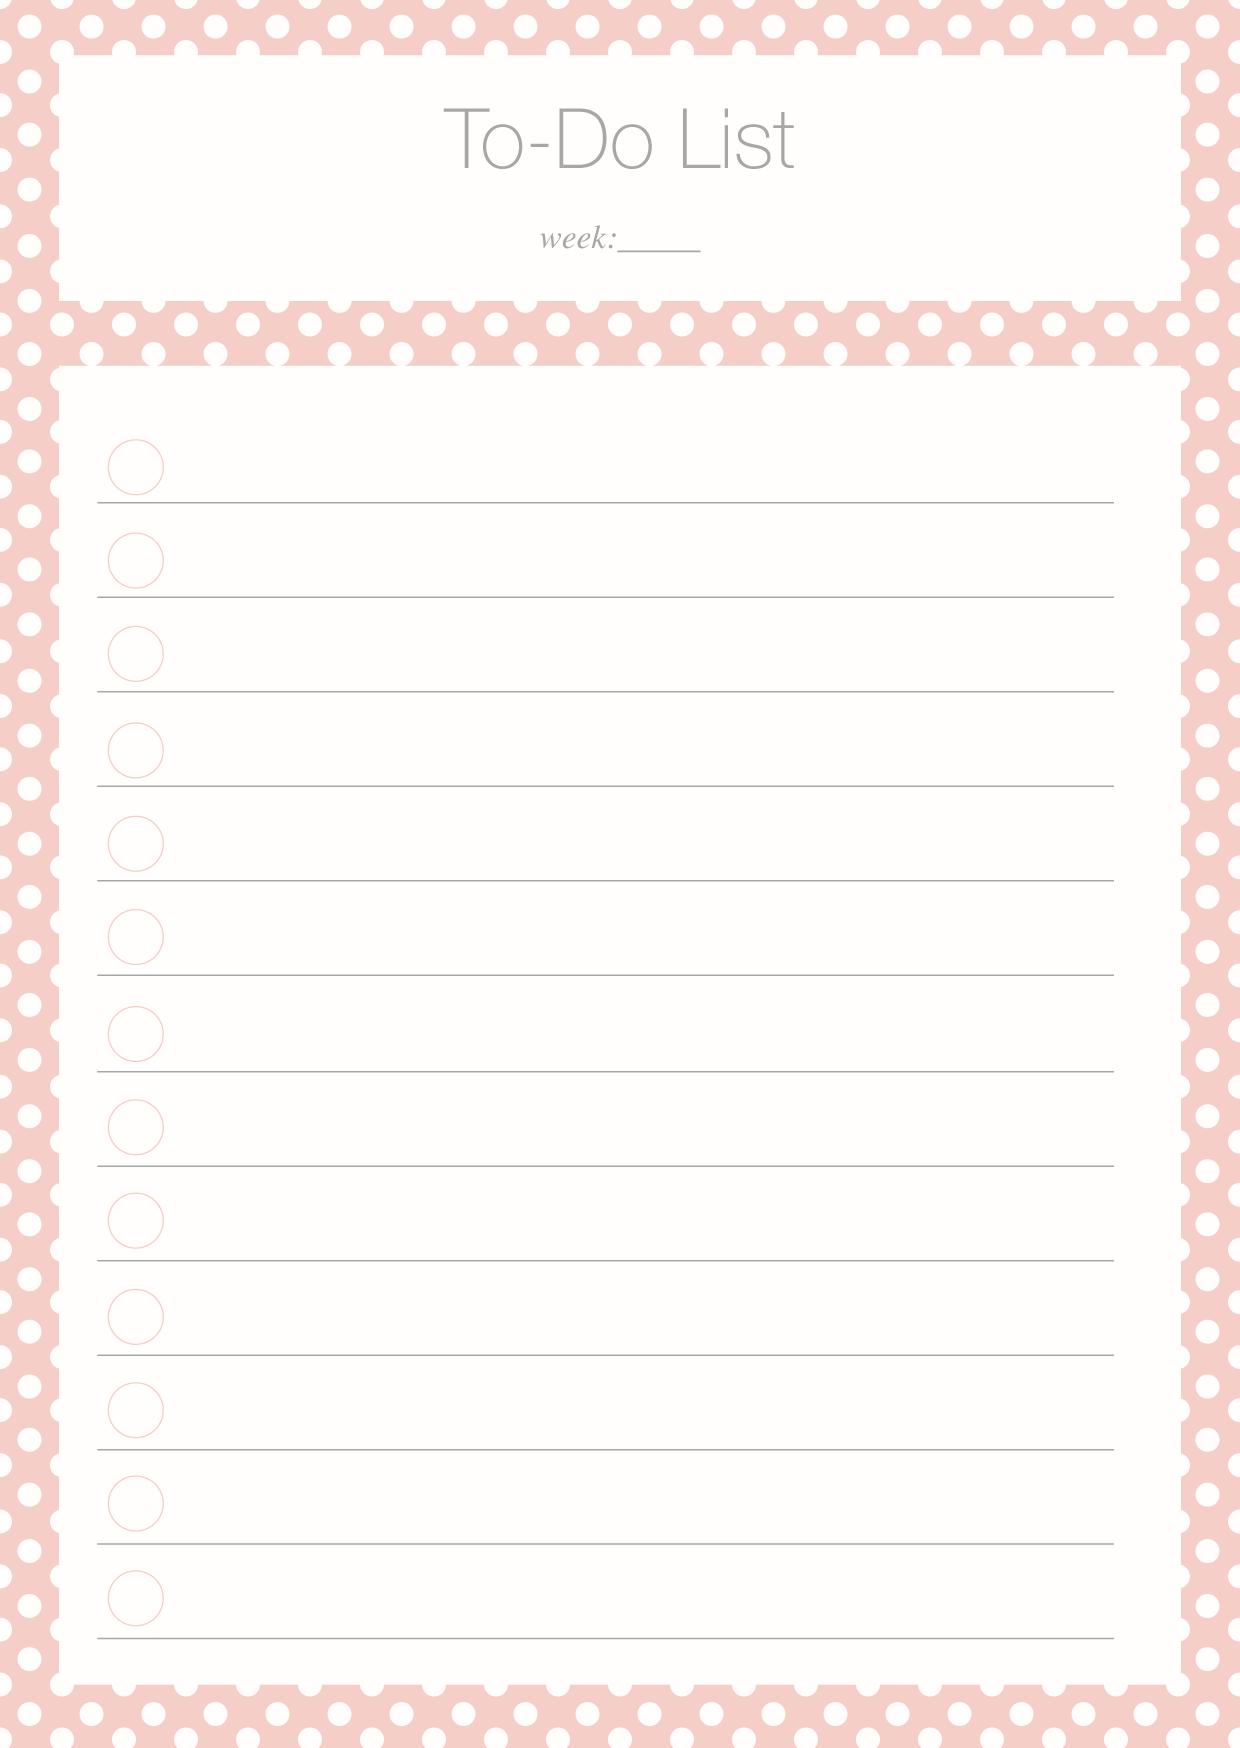 To Do List Freebie | Ausdrucken